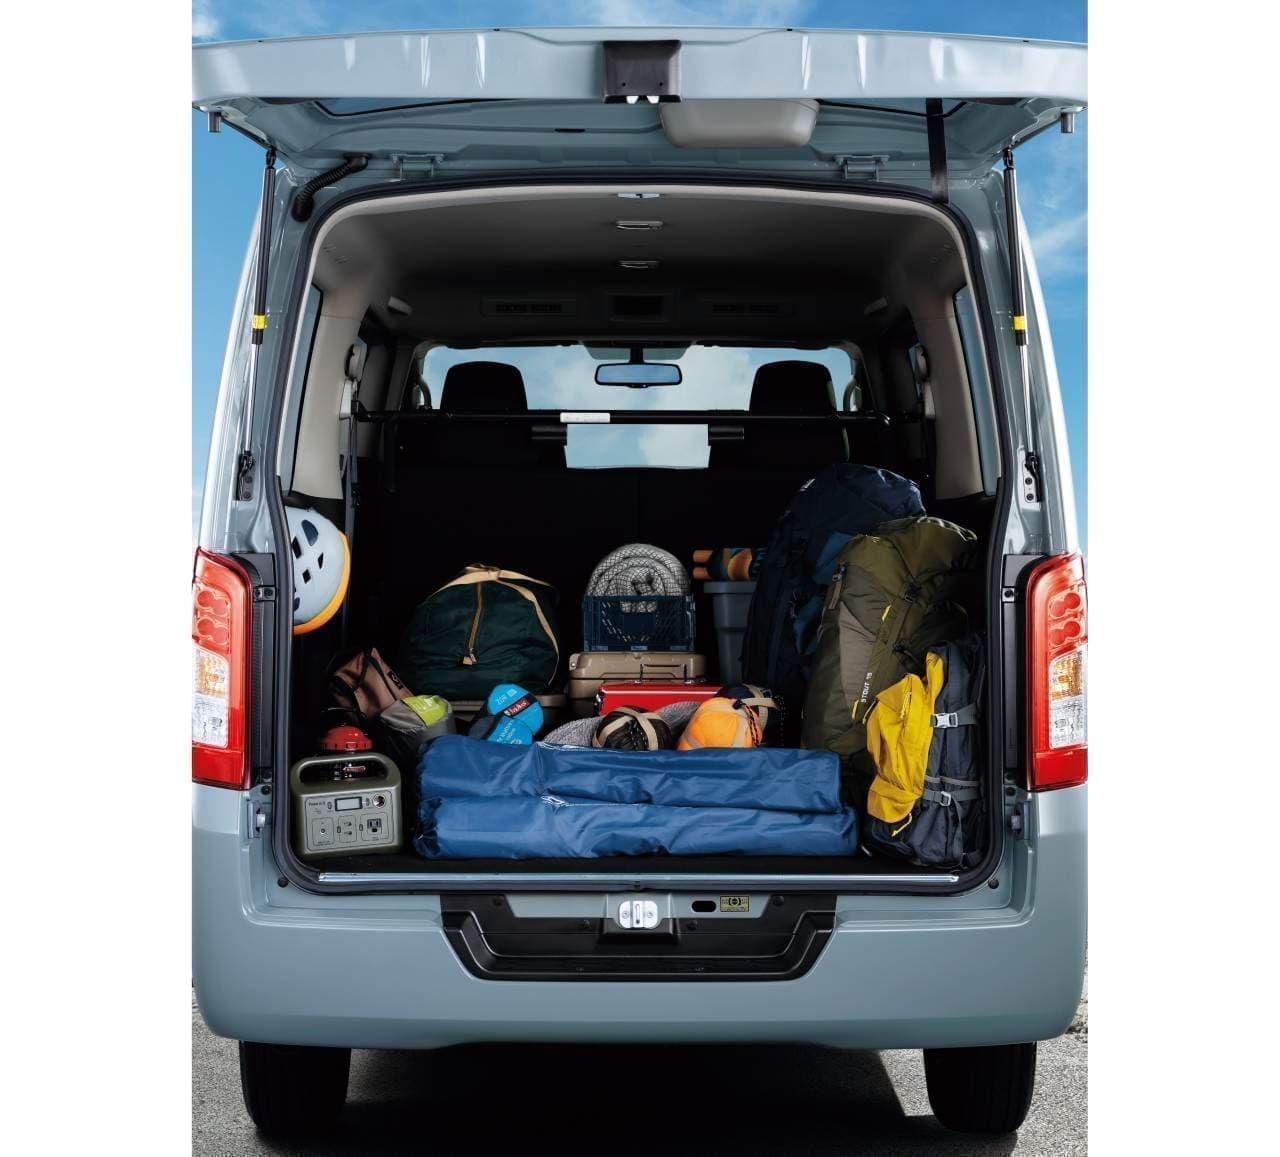 日産「NV350キャラバン」にキャンプやアウトドアレジャー向けの特別仕様車「プレミアムGX BLACK GEAR」